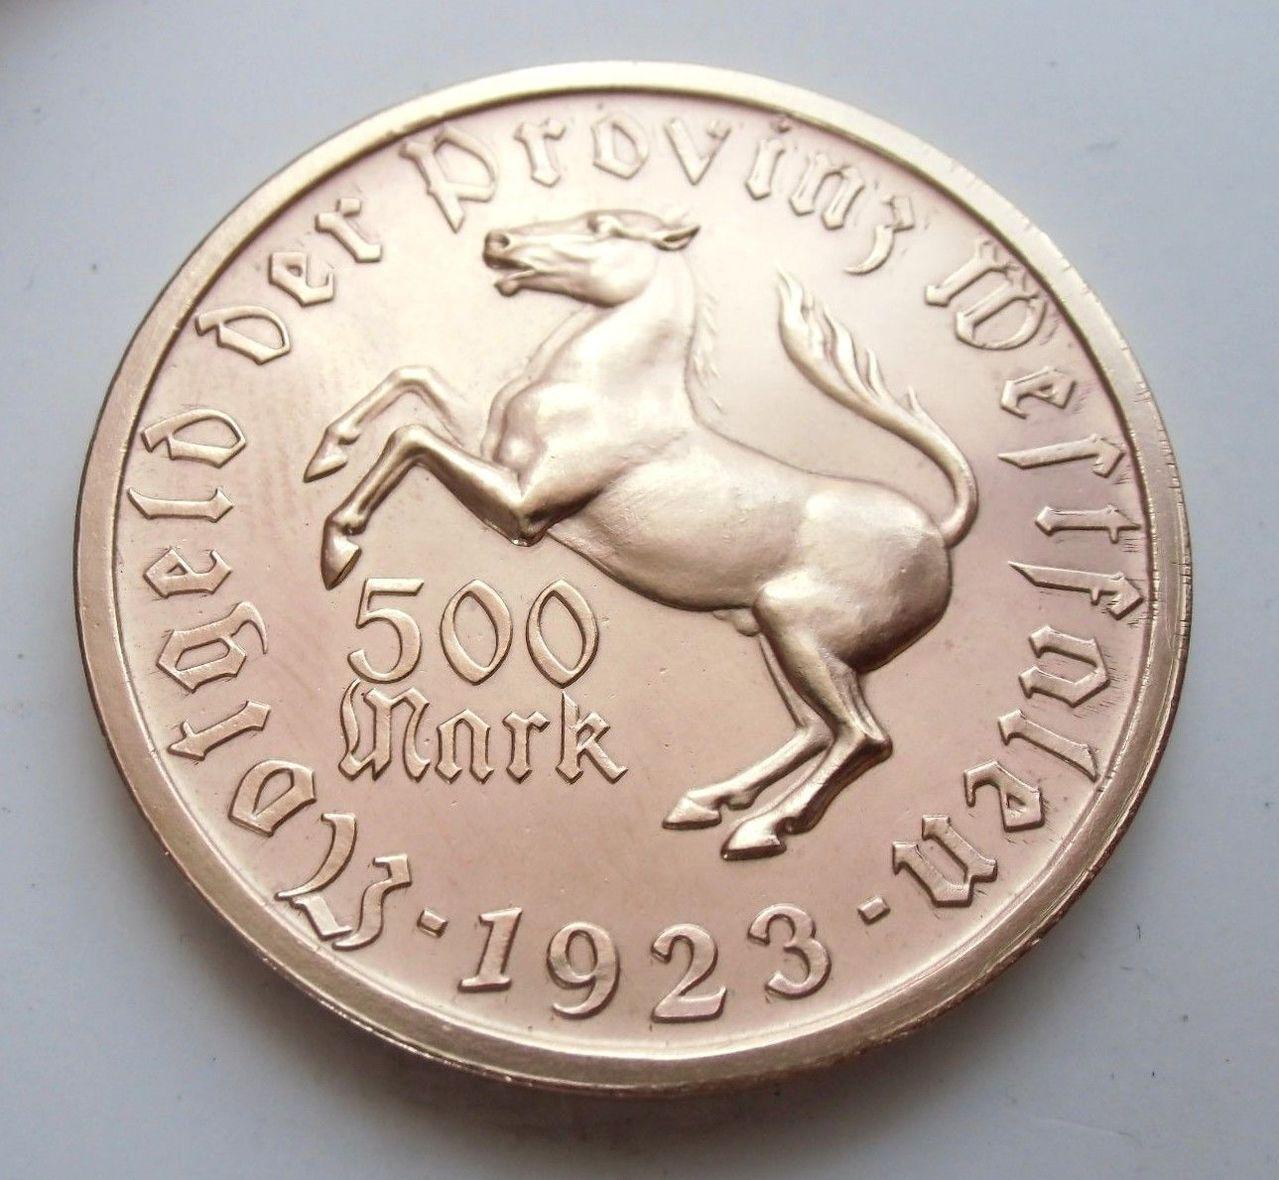 Monedas de emergencia emitidas por el banco regional de Westphalia 1923_500b